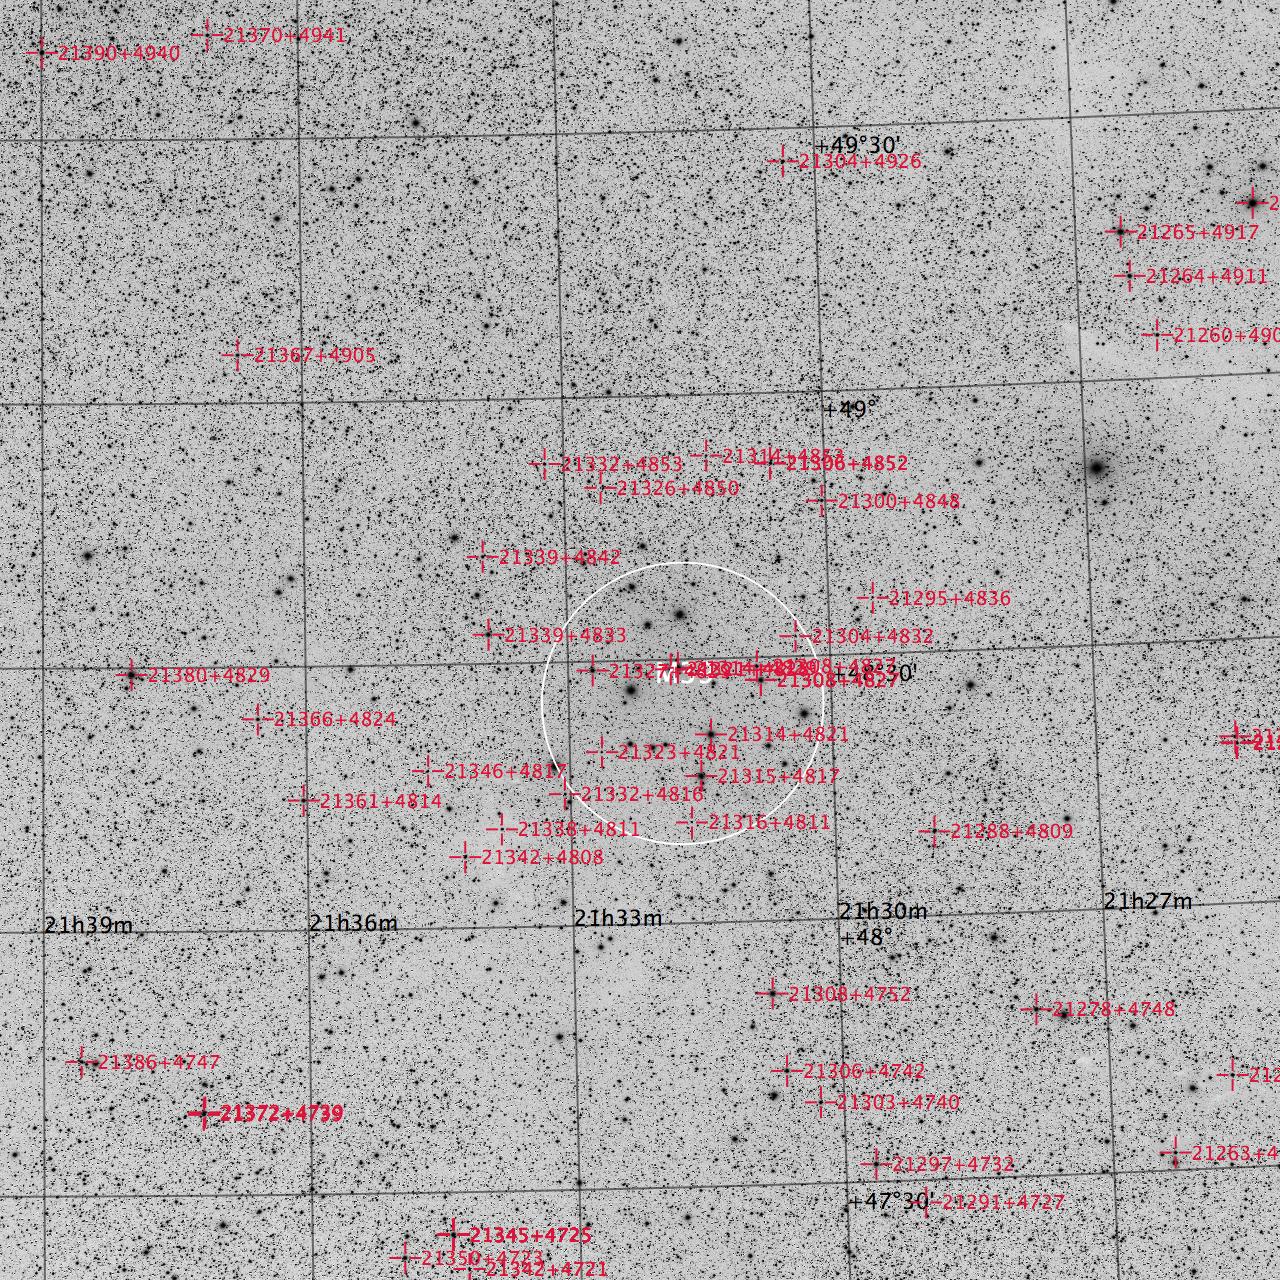 M39 aufgenommen mit einem Takahashi FSQ-106 Teleskop und einer SBIG STL-11000M CCD Kamera. Doppelsterne sind rote markiert. Norden ist oben, Osten links.